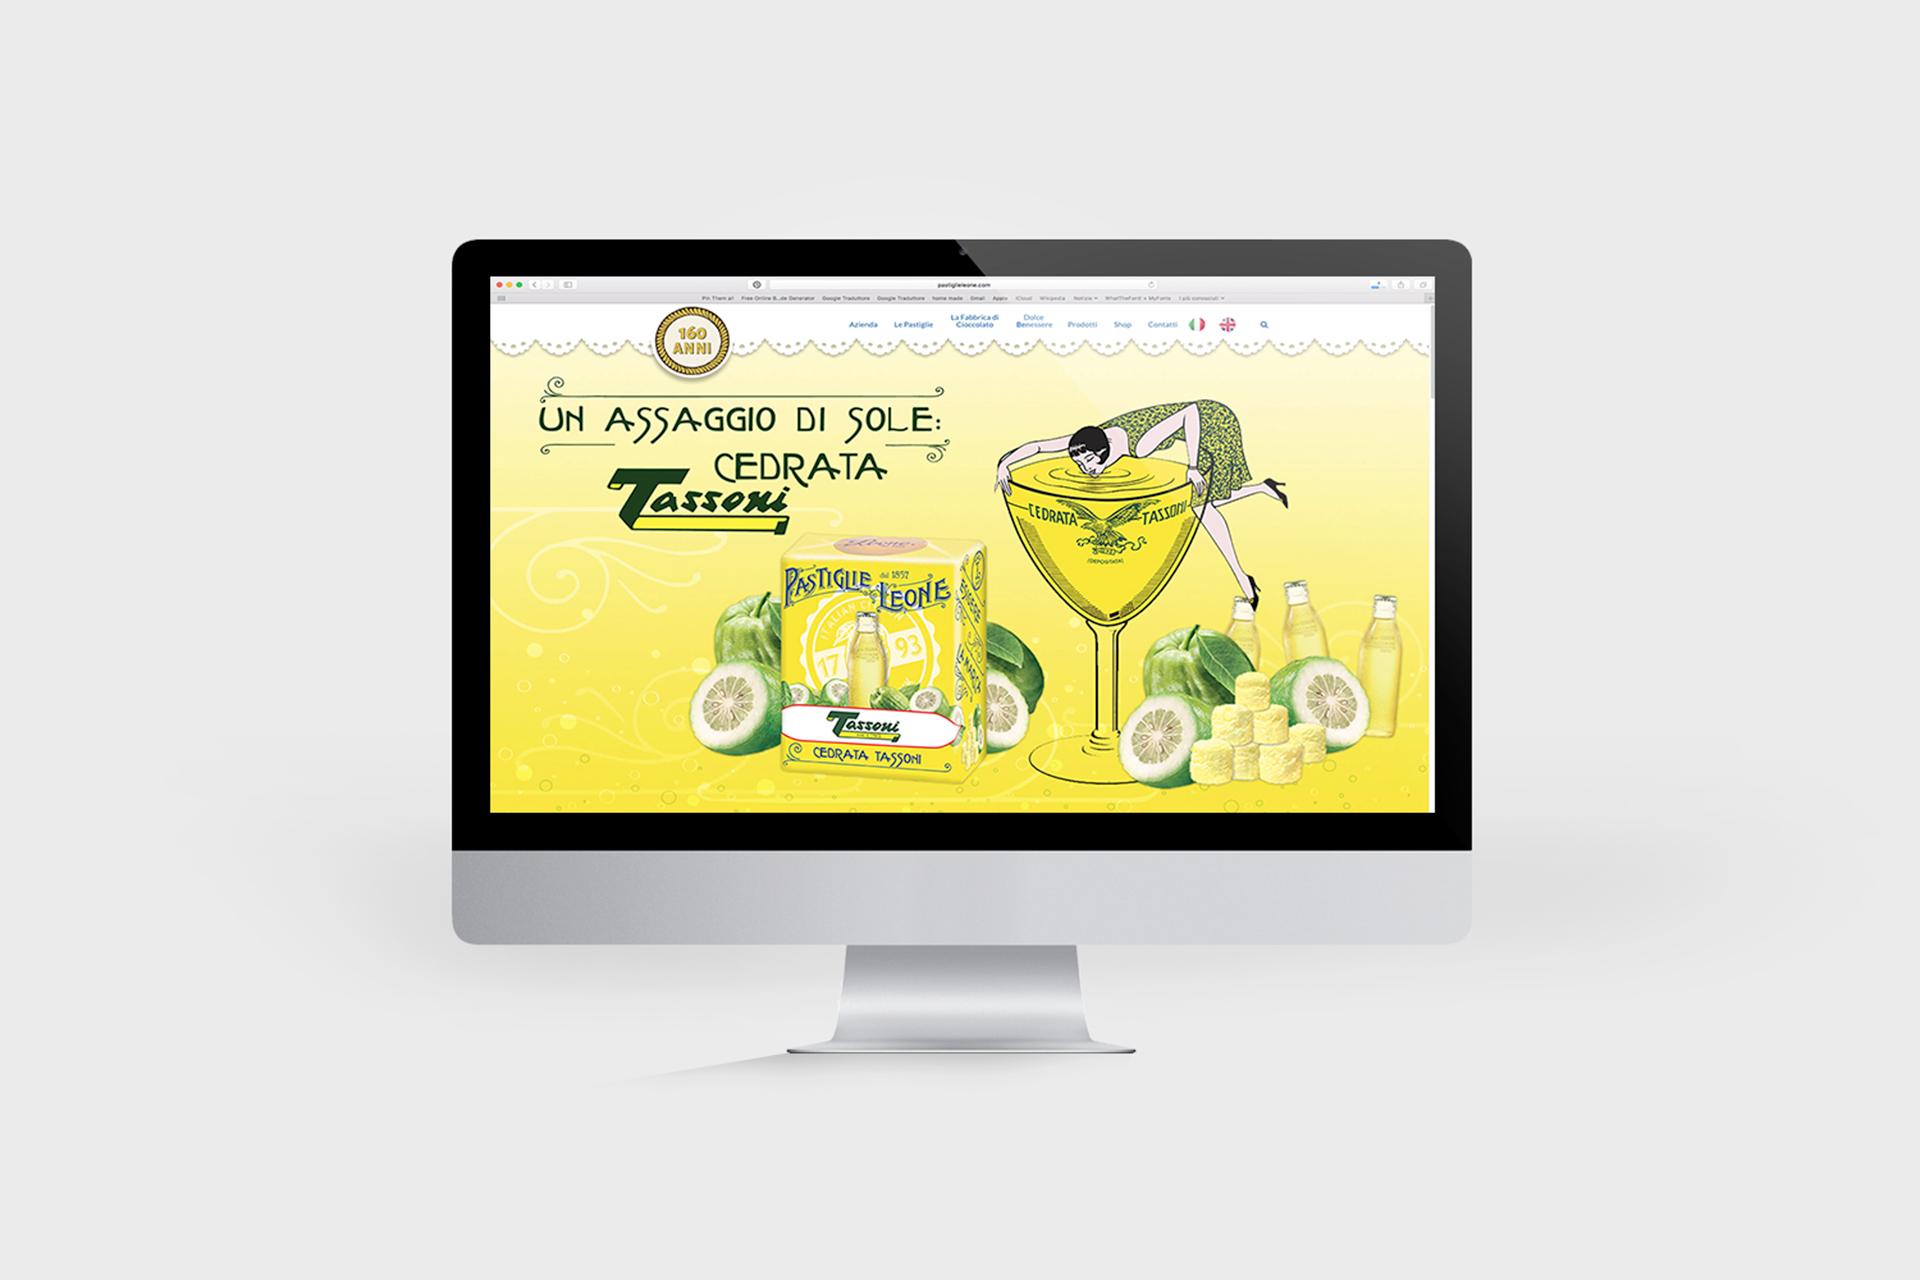 Web banner / Pastiglie Leone